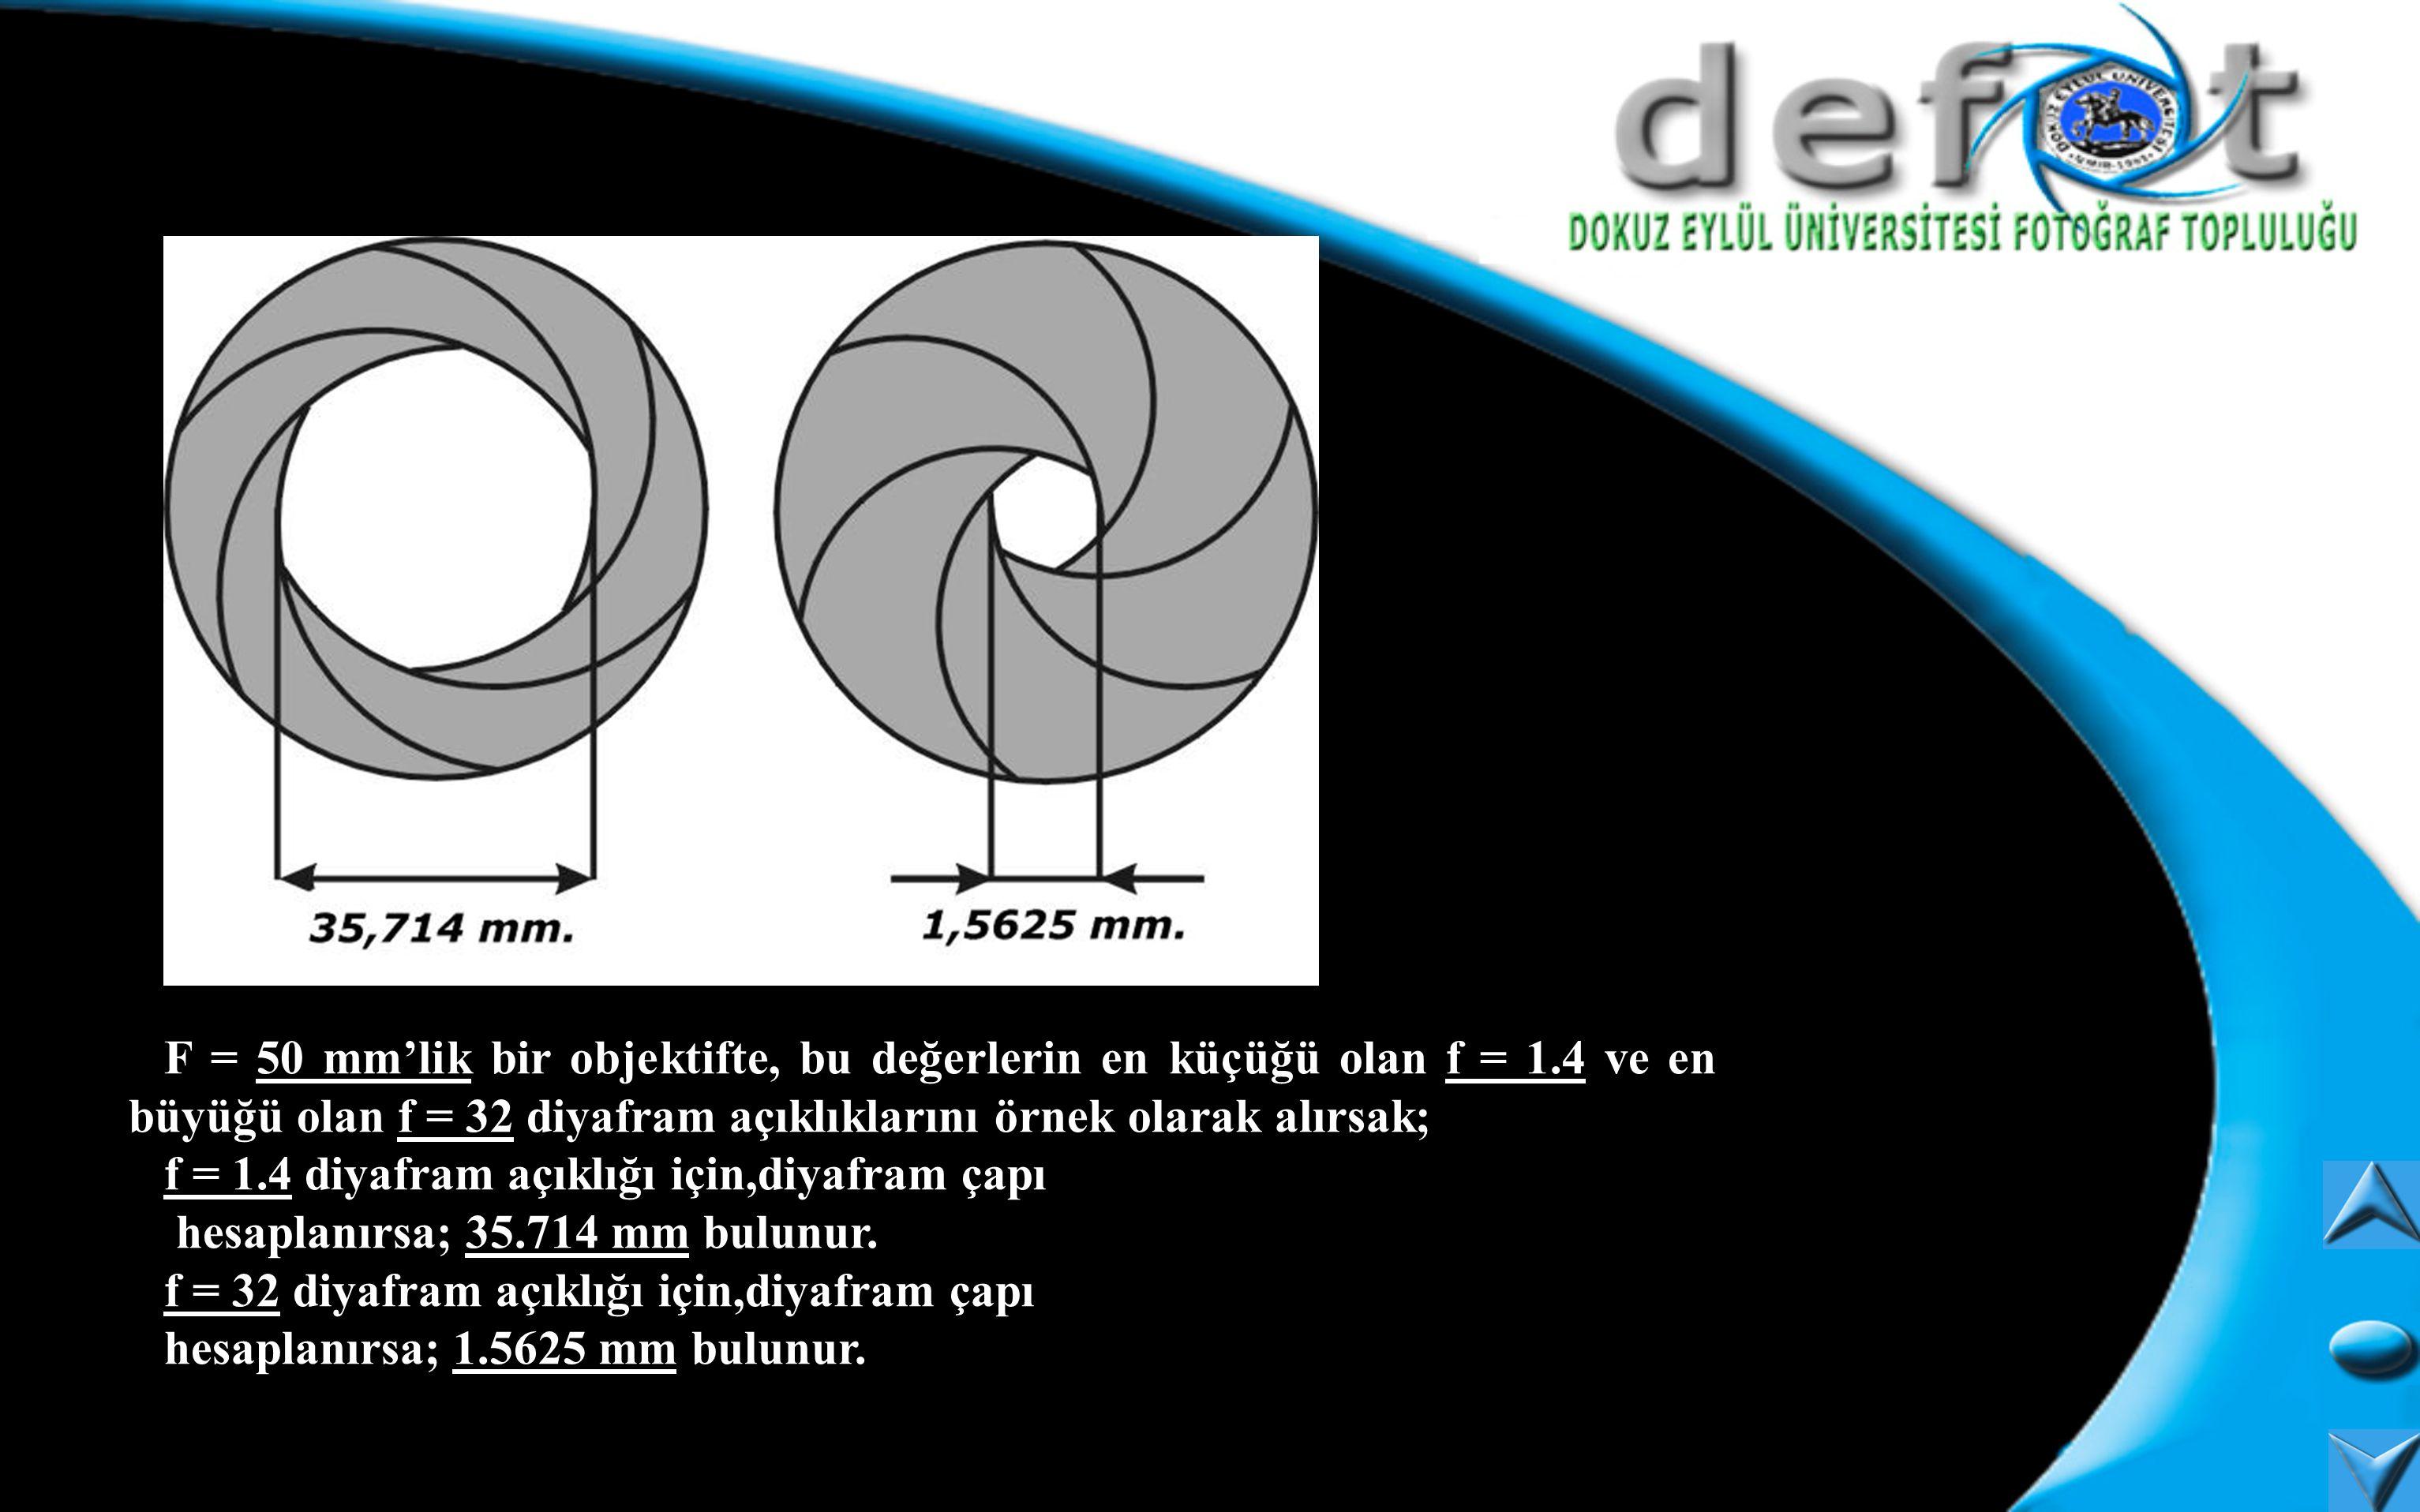 F = 50 mm'lik bir objektifte, bu değerlerin en küçüğü olan f = 1